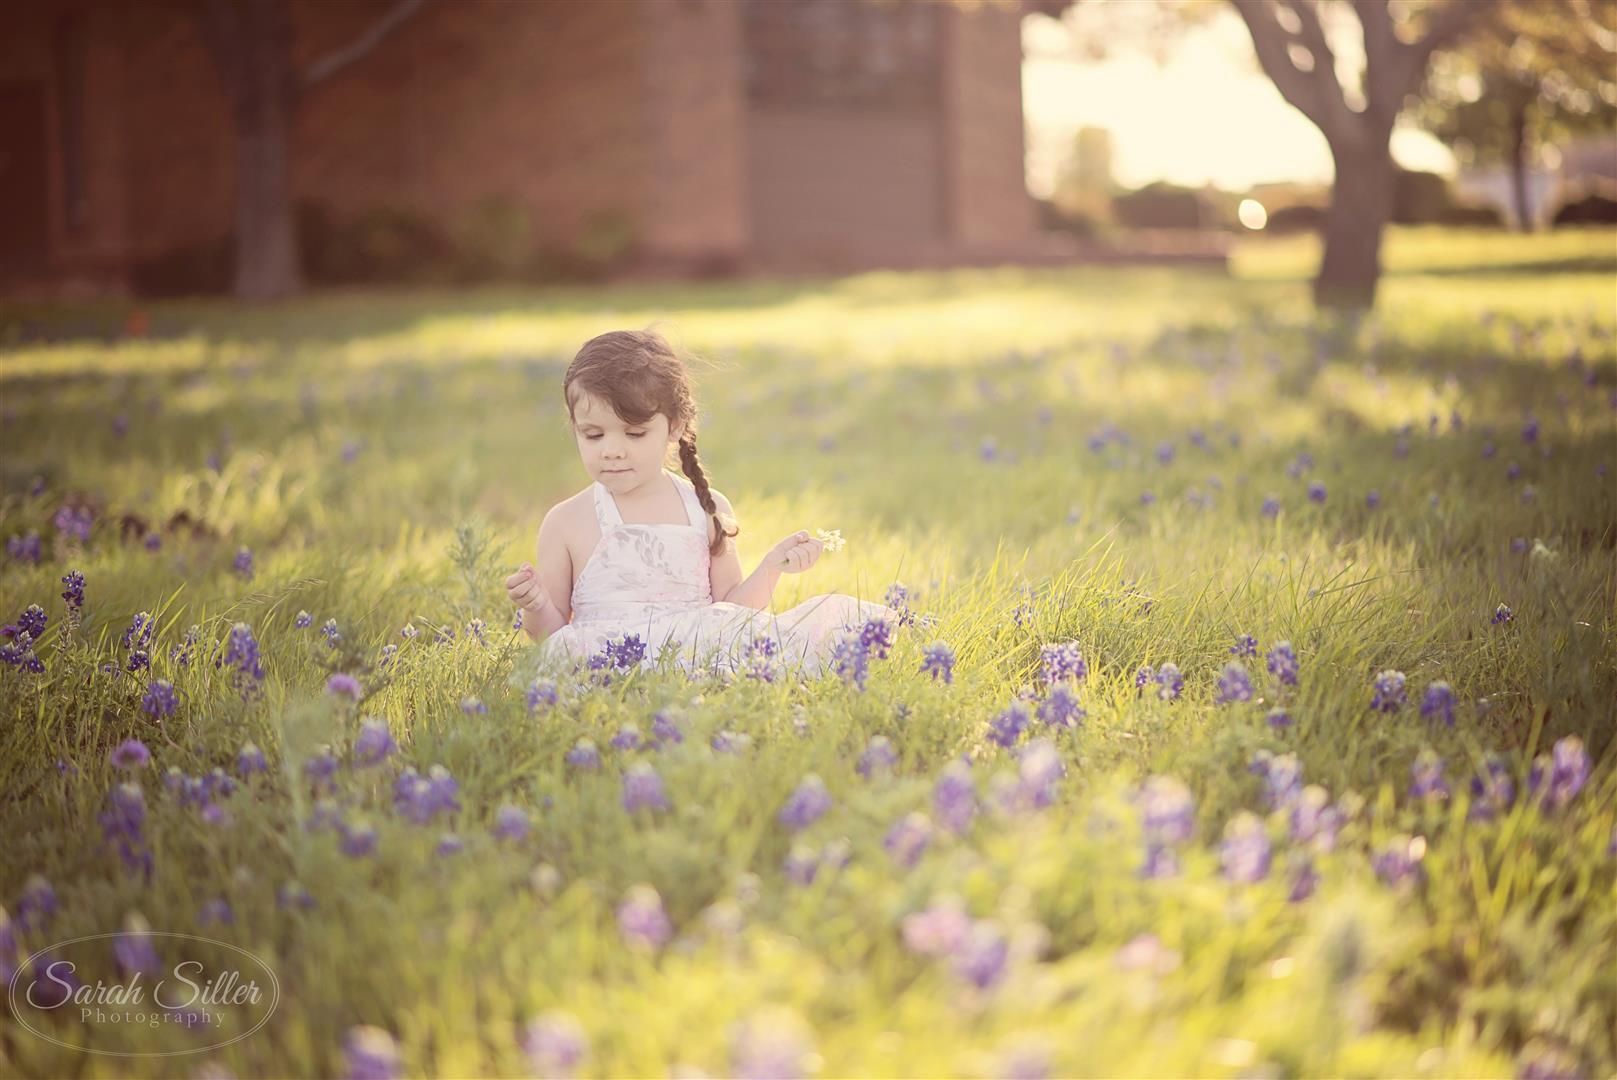 Sarah Siller Photography-13 (Large)